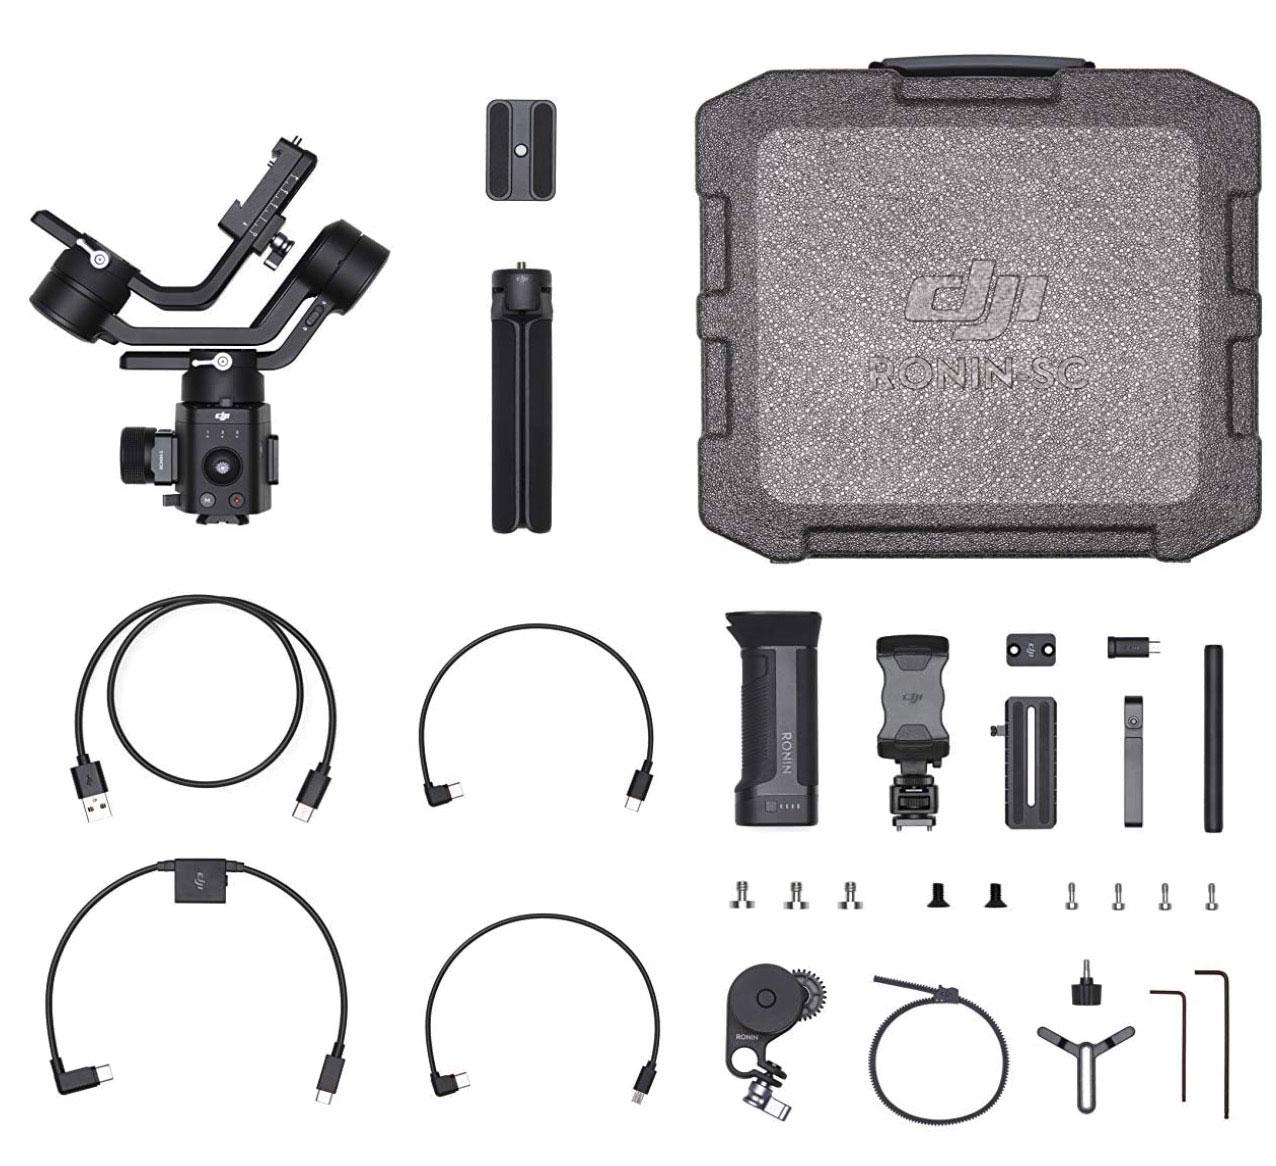 Le DJI Ronin SC et tous les accessoires vendus dans le pack combo